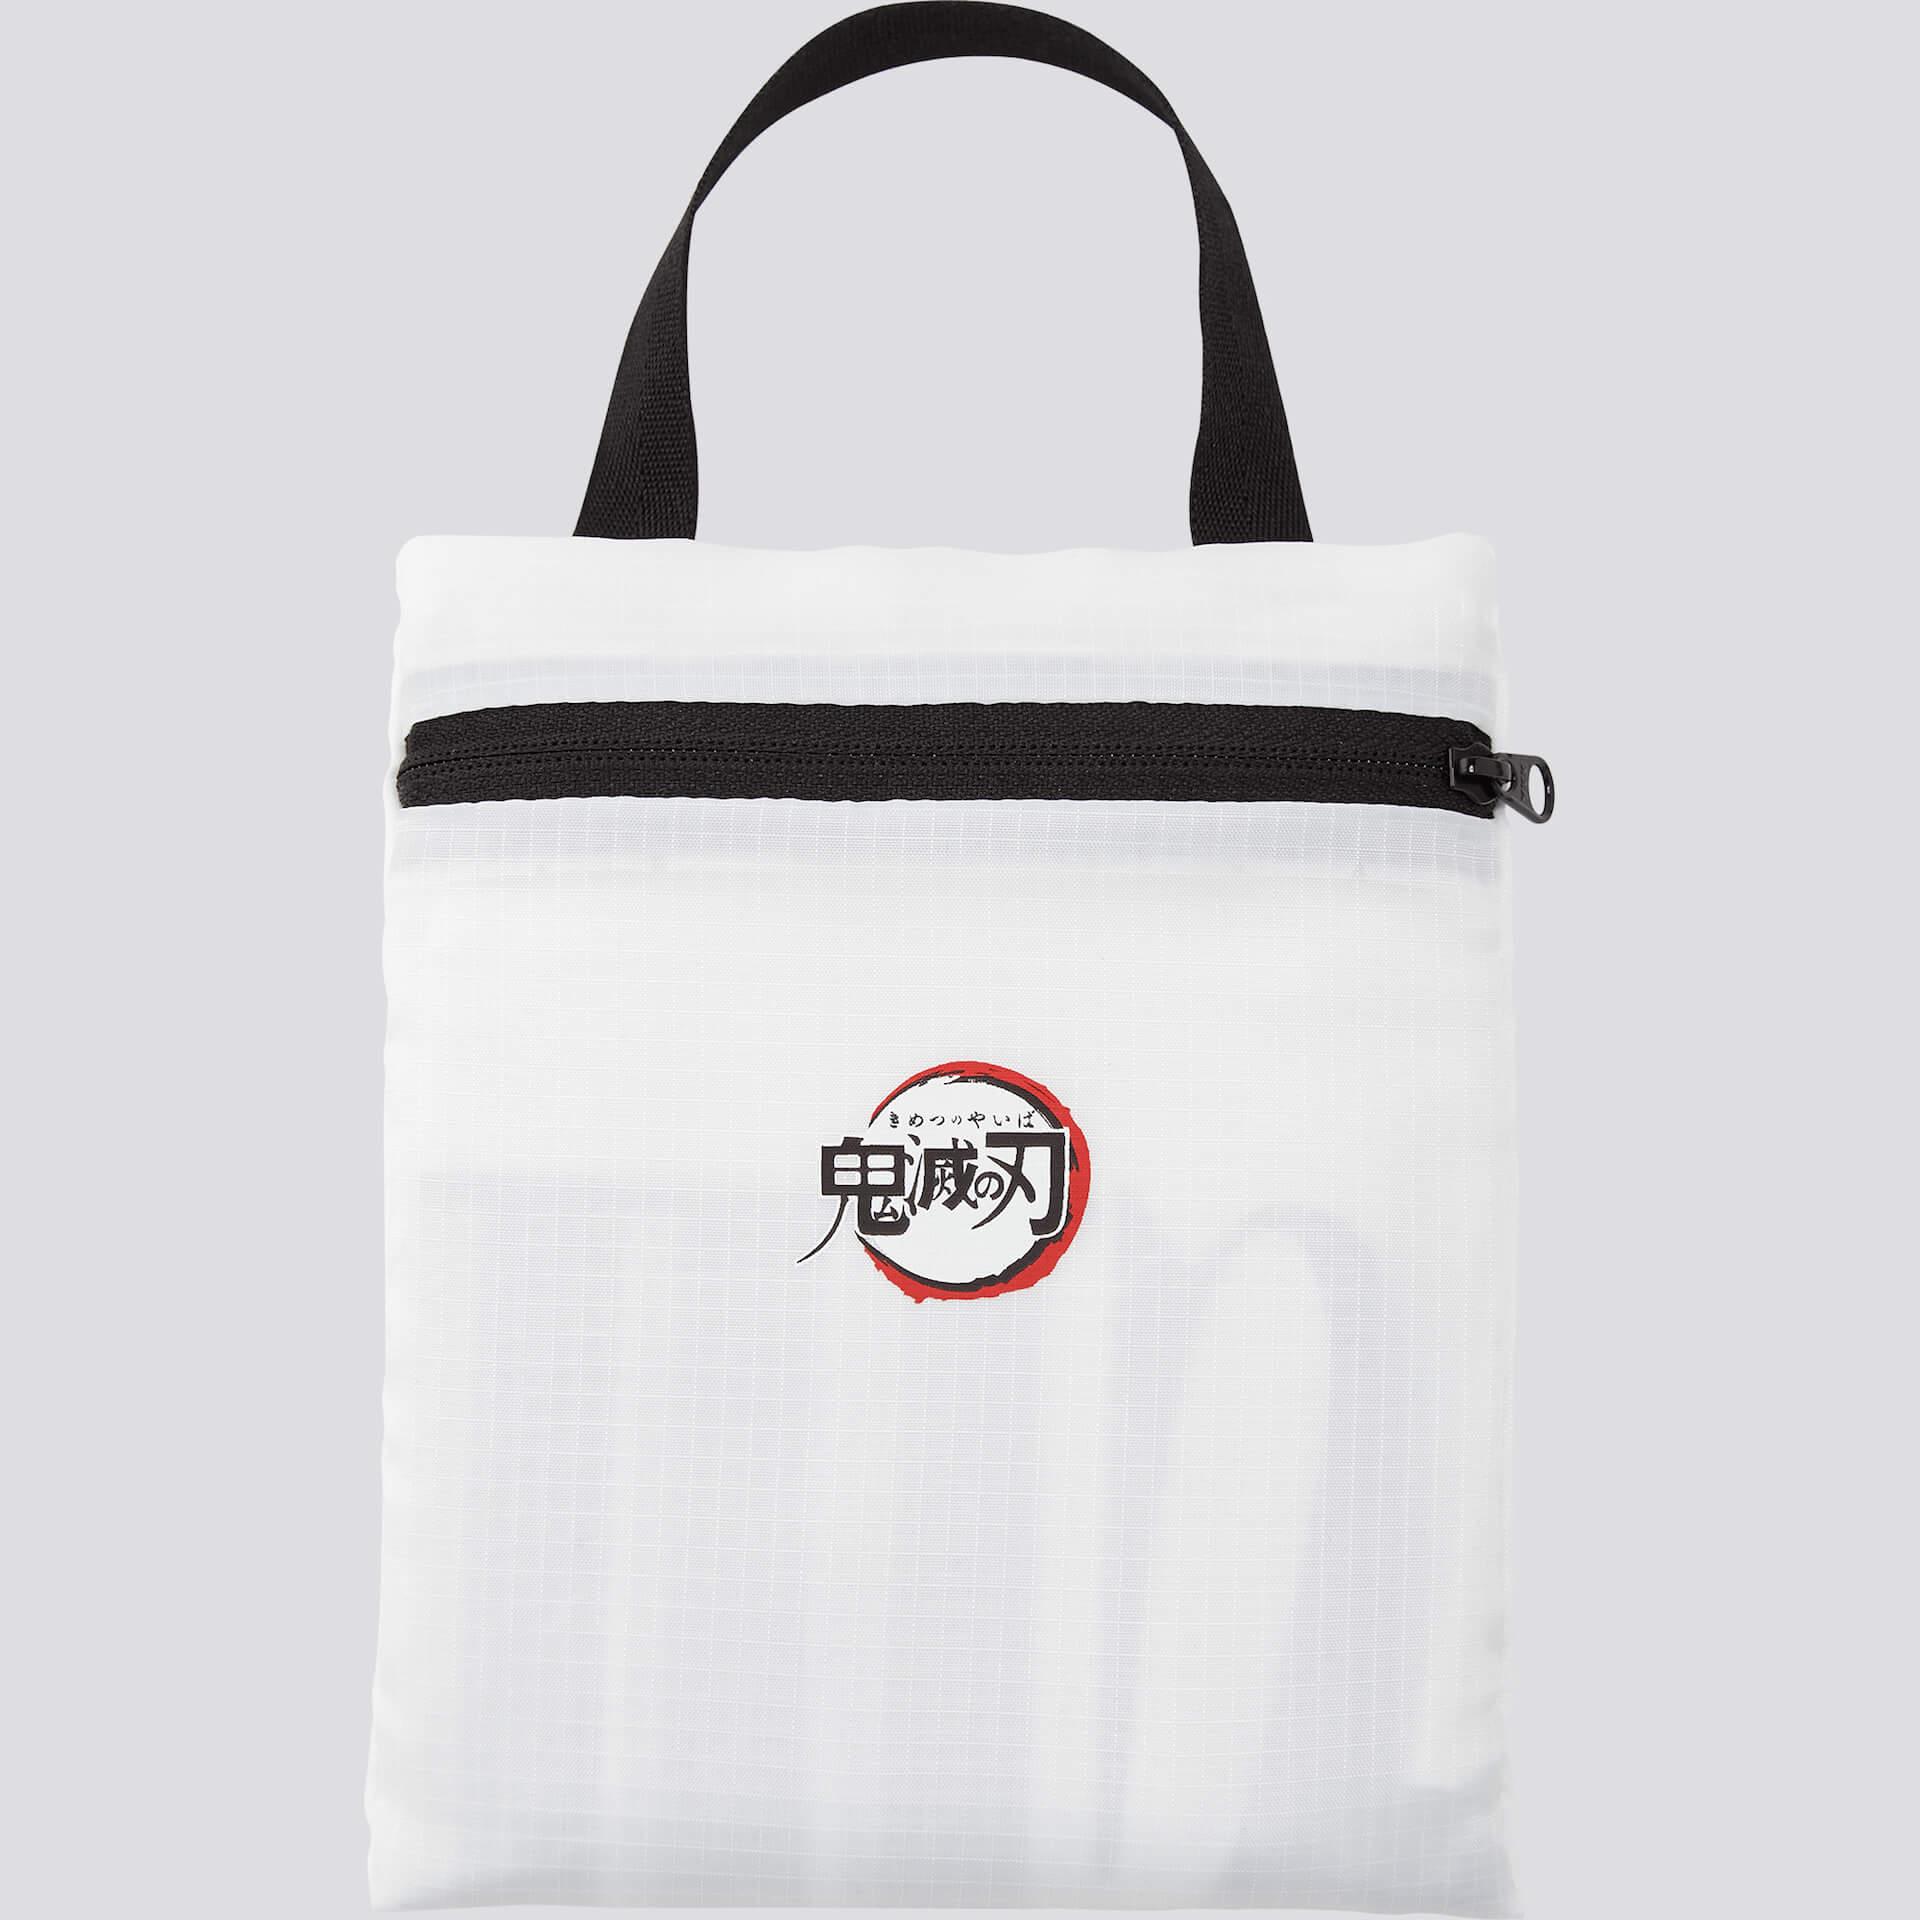 『鬼滅の刃』とユニクロ「UT」コラボ第2弾のコレクションがついに発表!着物や鍔をイメージしたバッグ&タオルも登場 life200817_kimetsu_ut_22